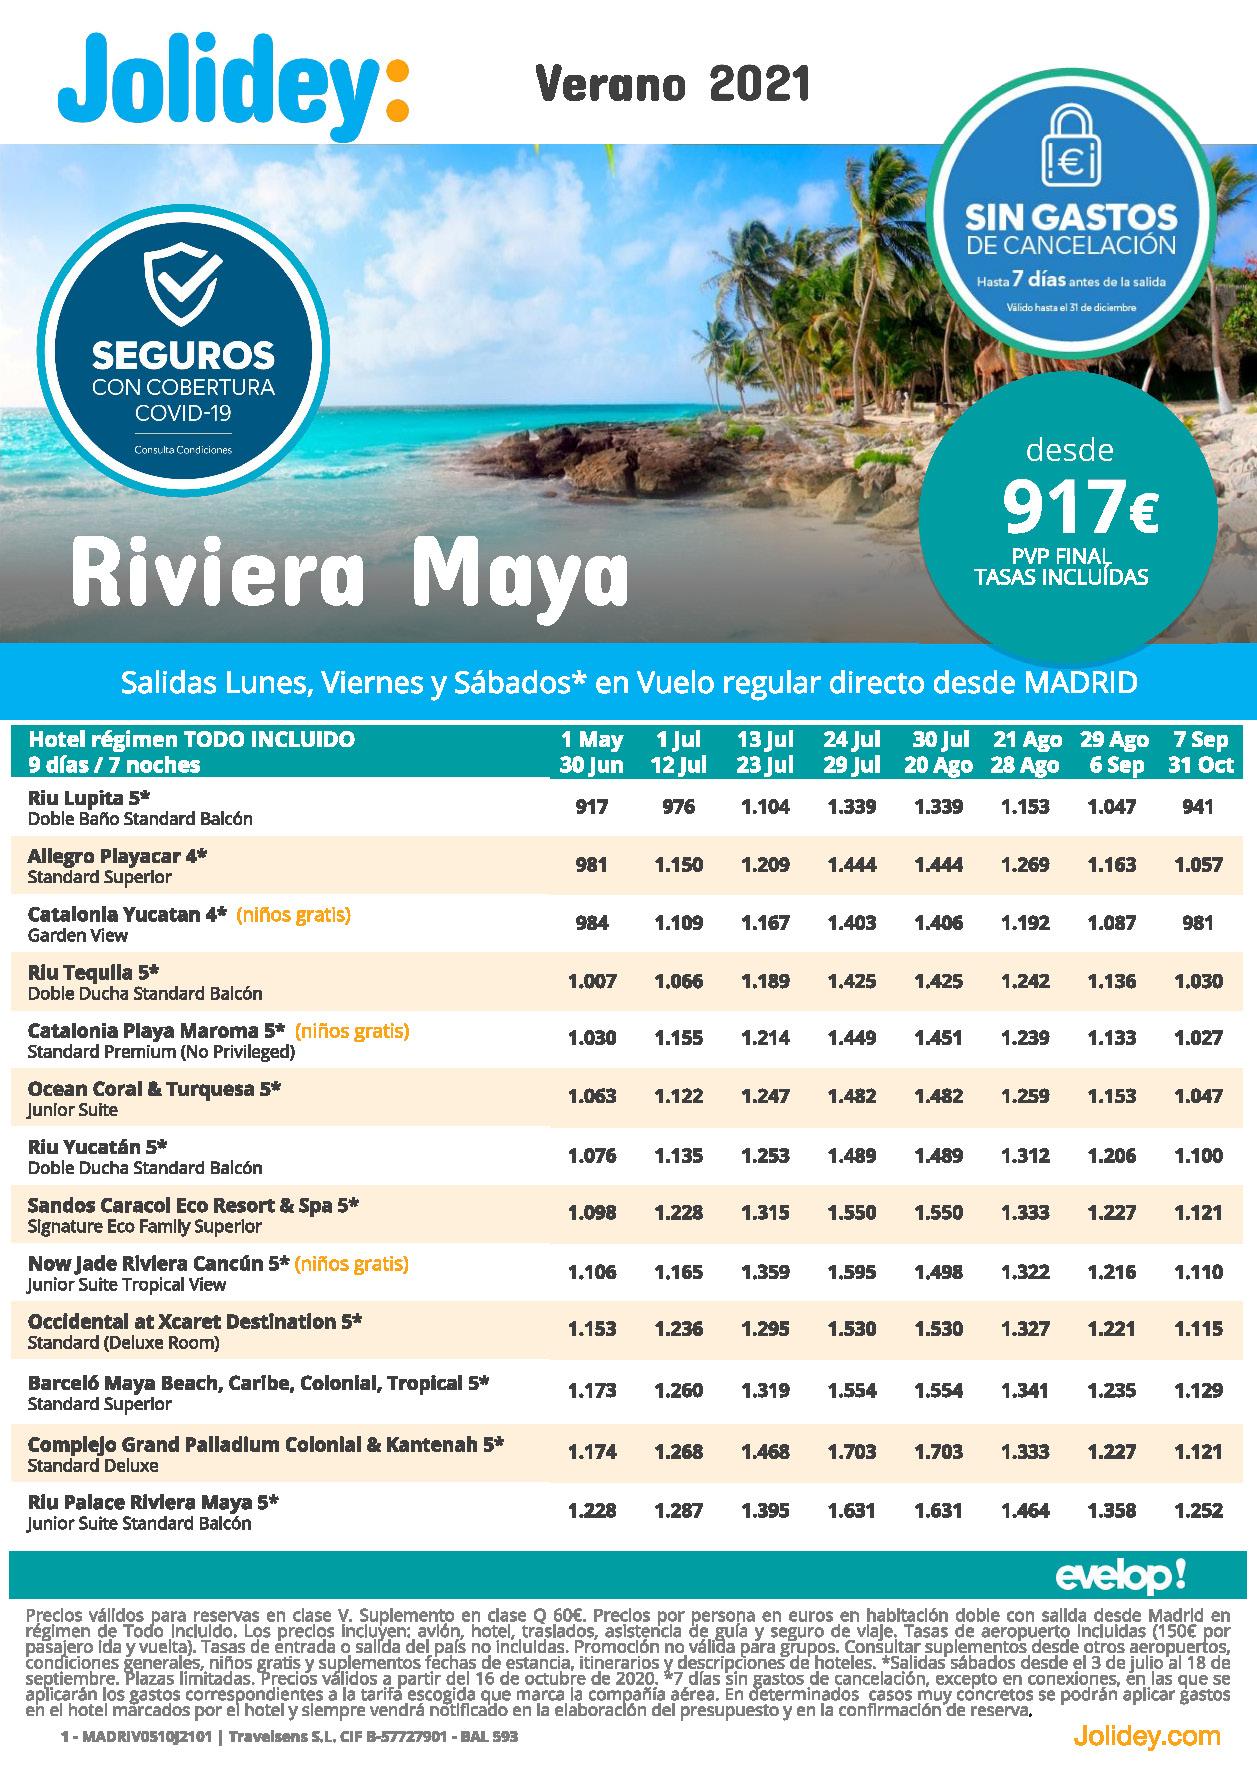 Oferta Jolidey Riviera Maya Mexico Verano 2021 vuelo directo desde Madrid